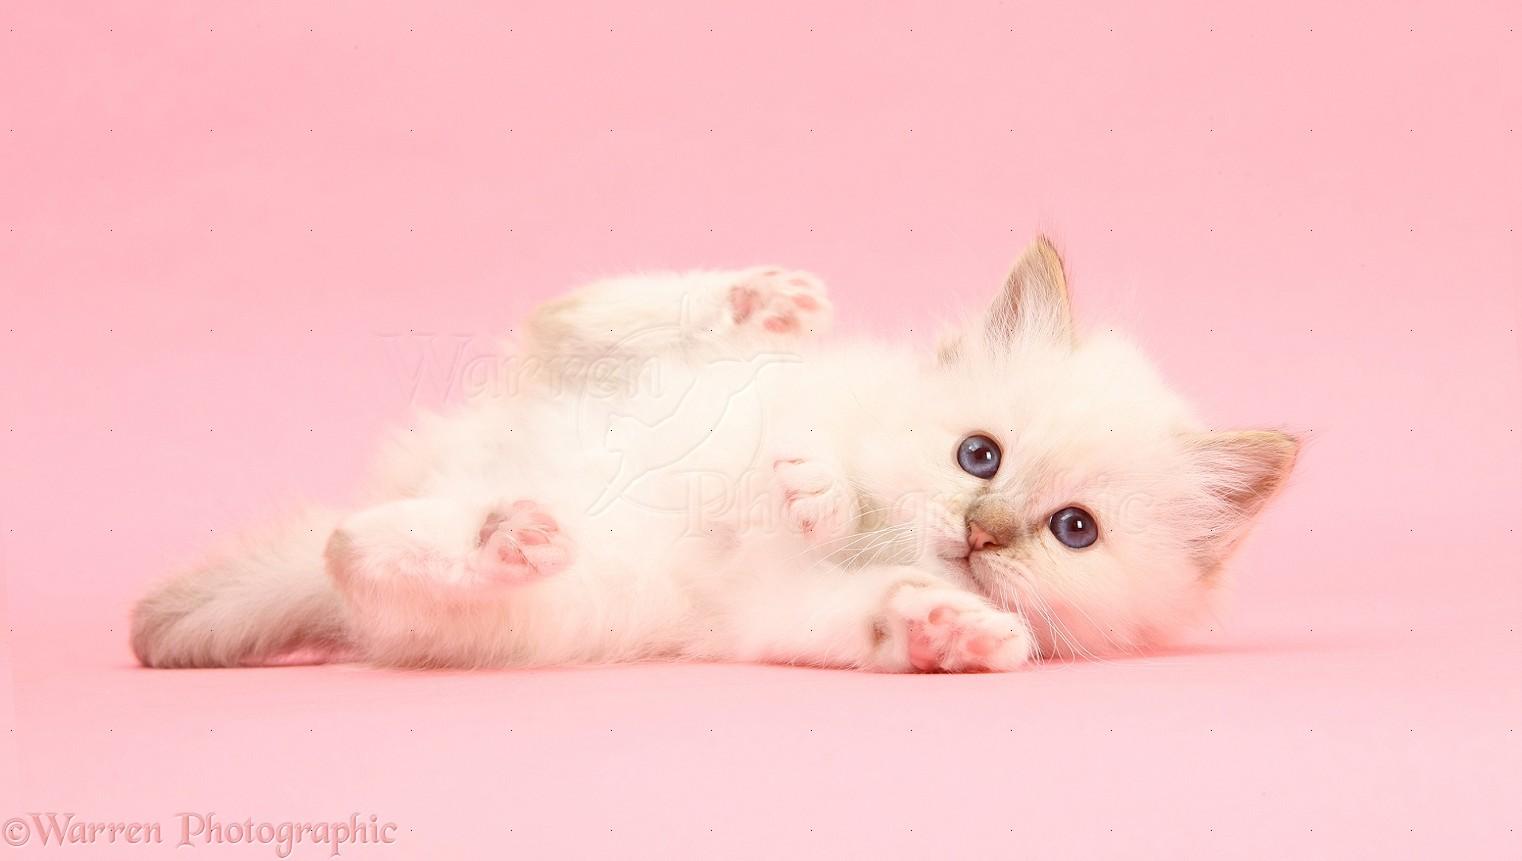 cute cats wallpaper hd